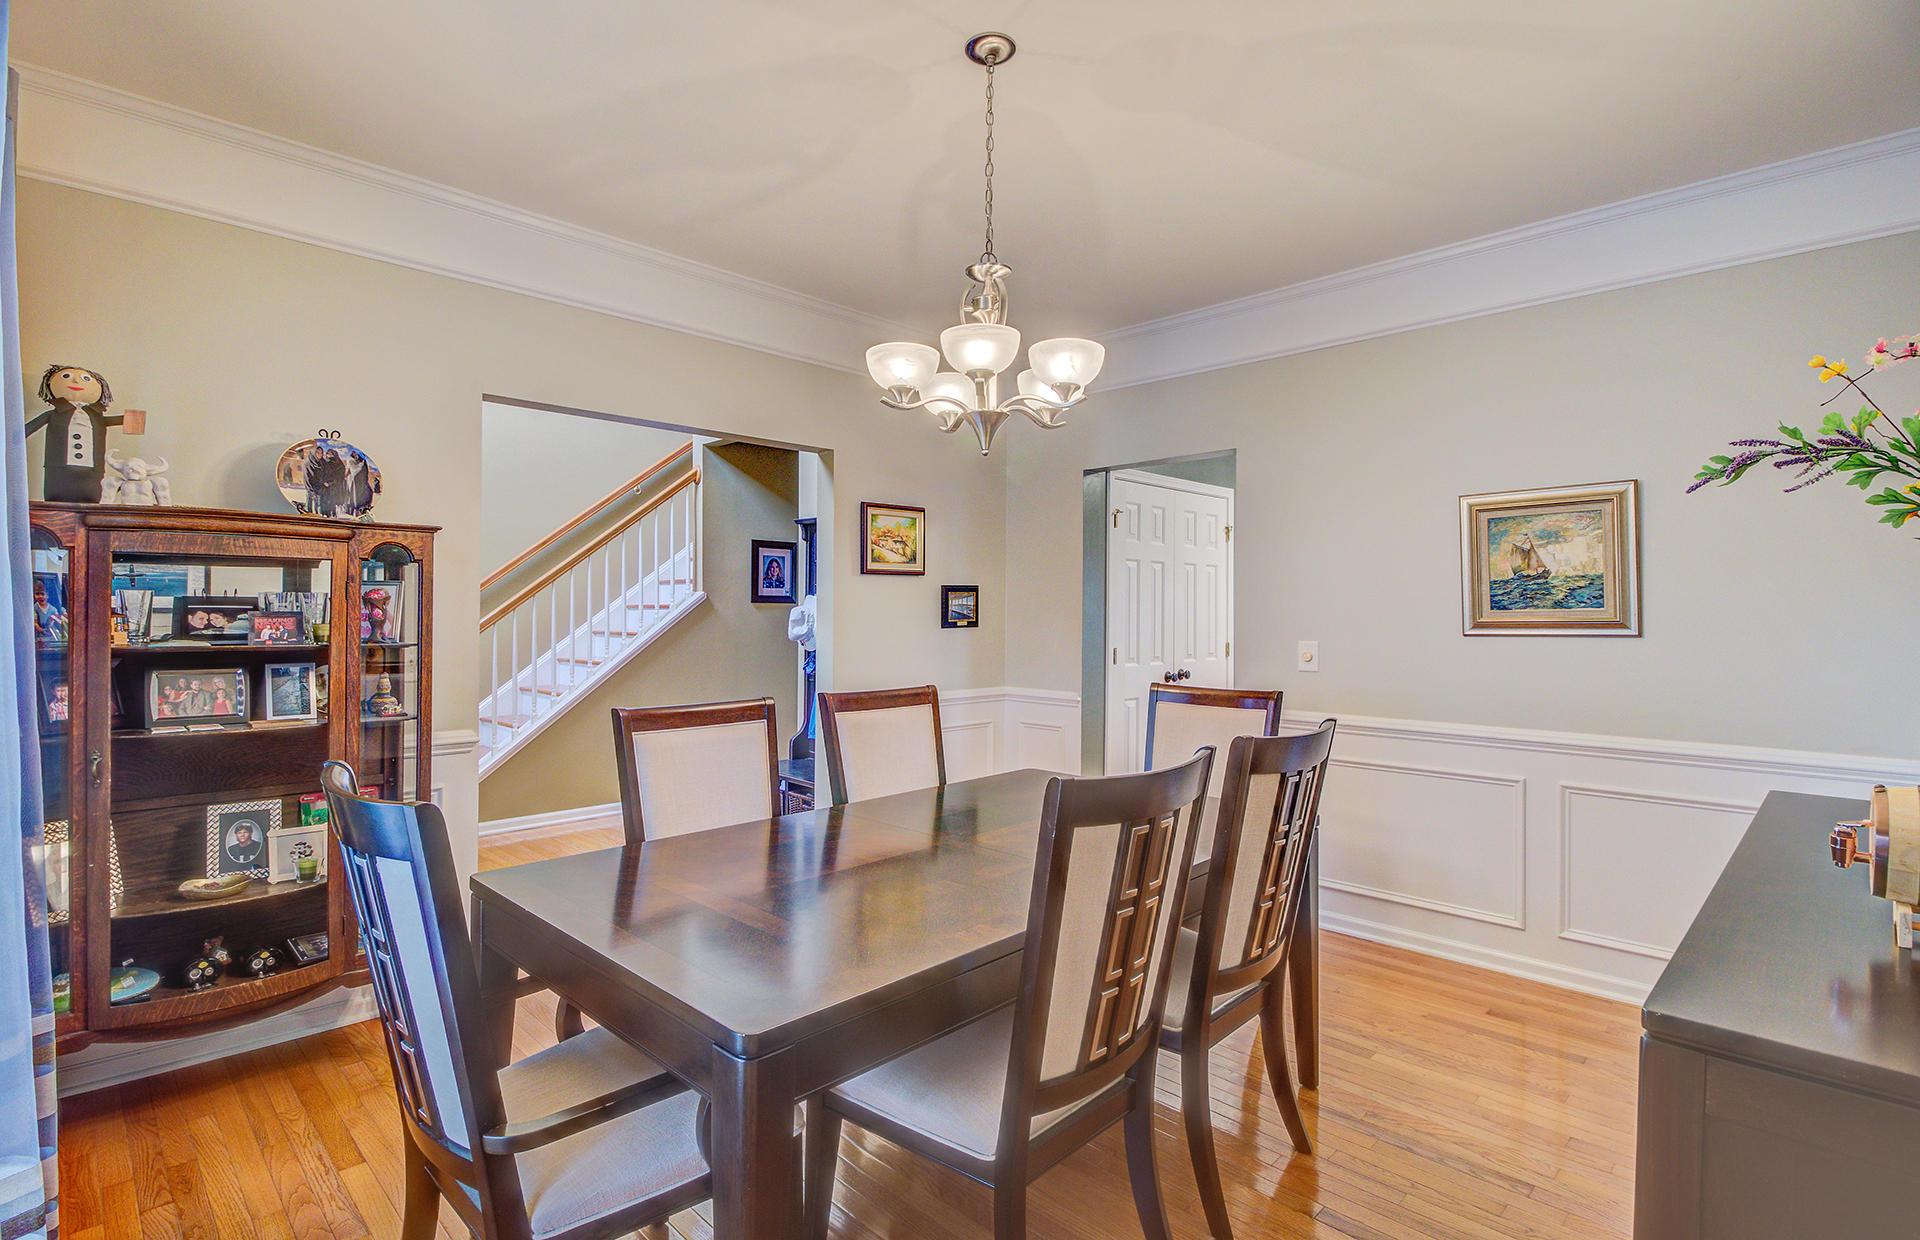 Park West Homes For Sale - 3120 Sonja, Mount Pleasant, SC - 25